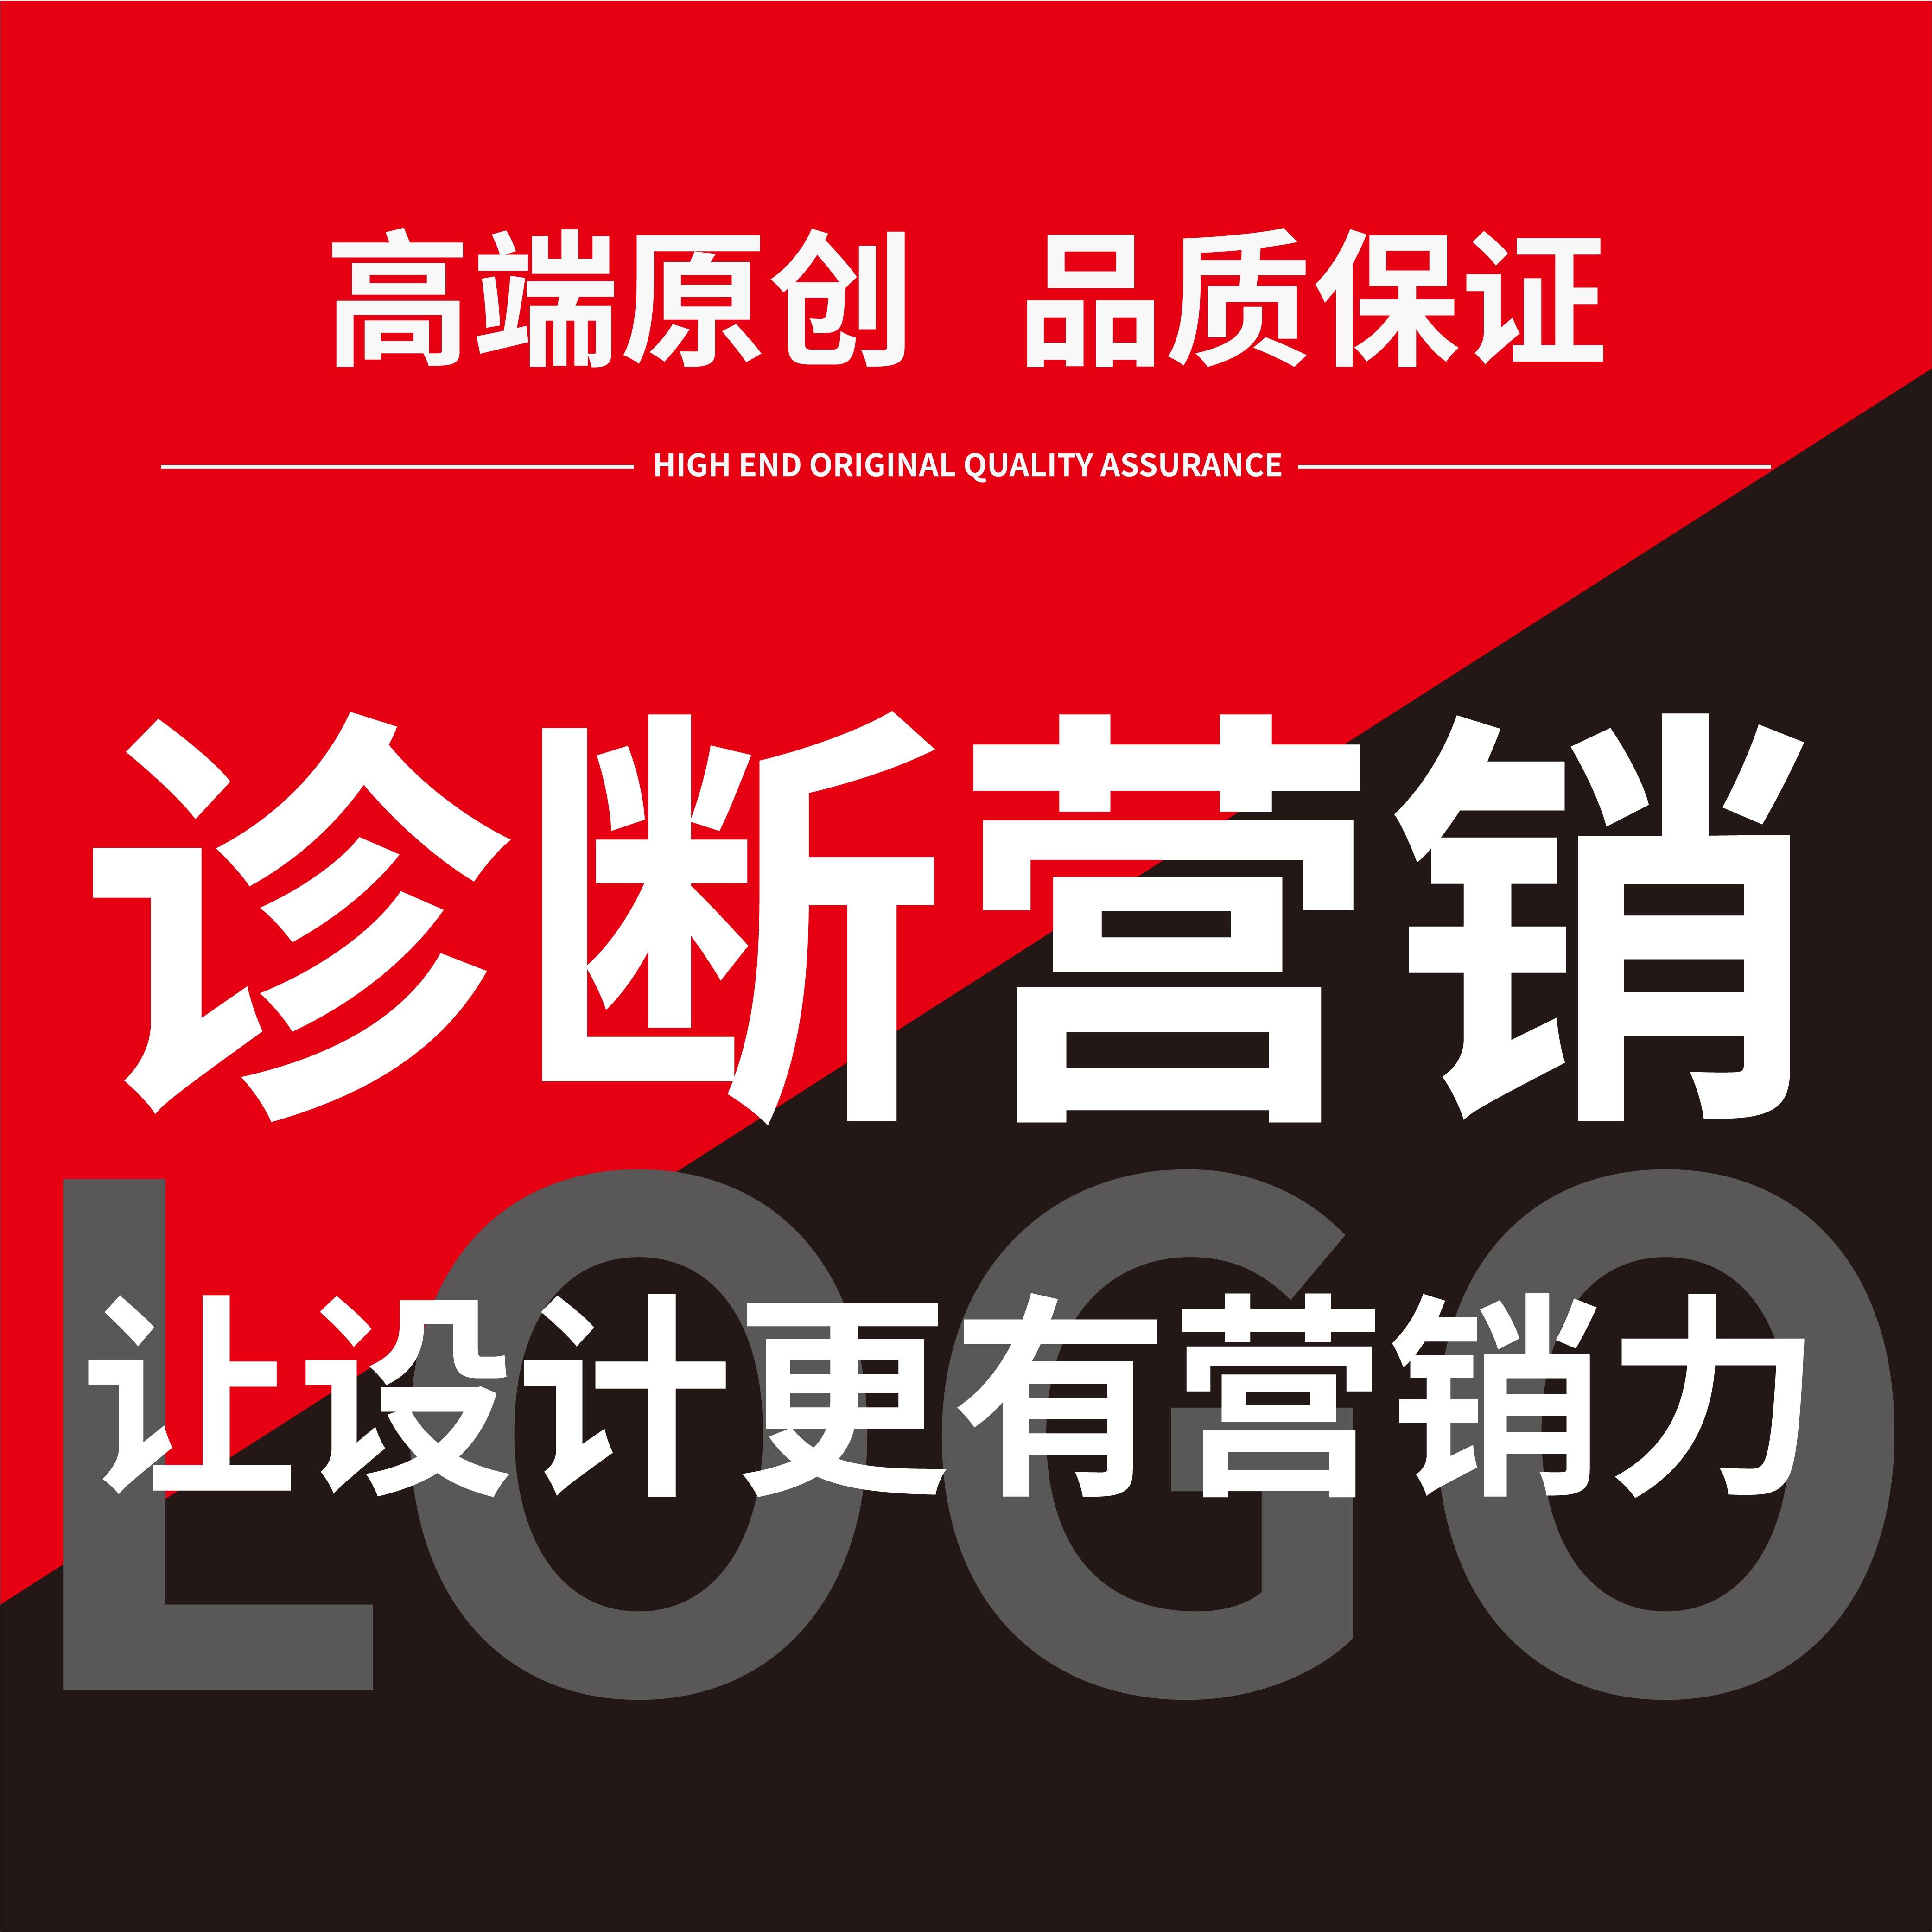 LOGO研究策划升级品牌升级logo升级标志升级产品营销